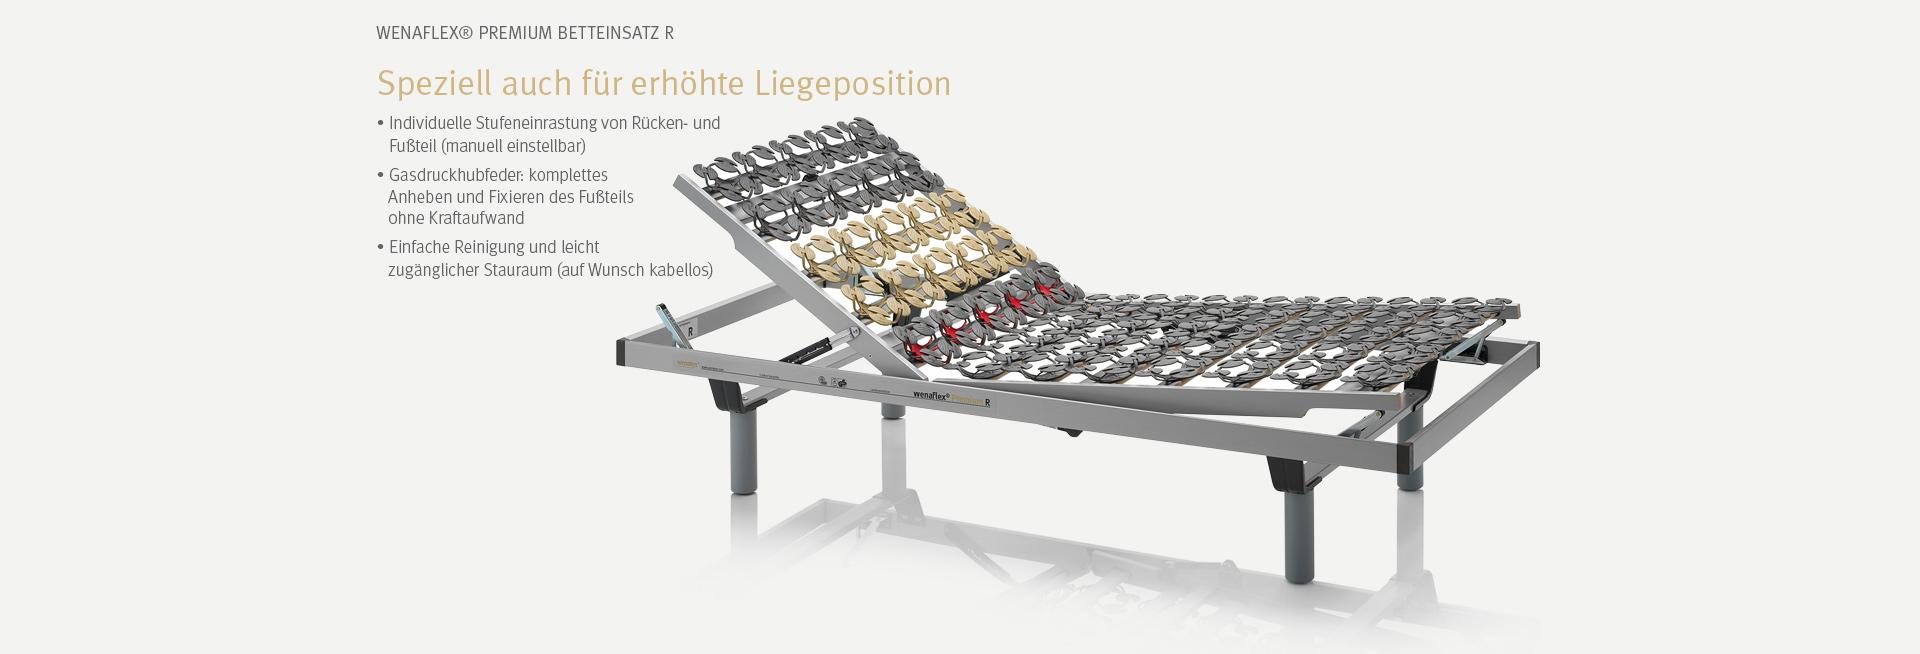 Der wenaFlex® Premium Betteinsatz R | Speziell auch für erhöhte Liegepositionen